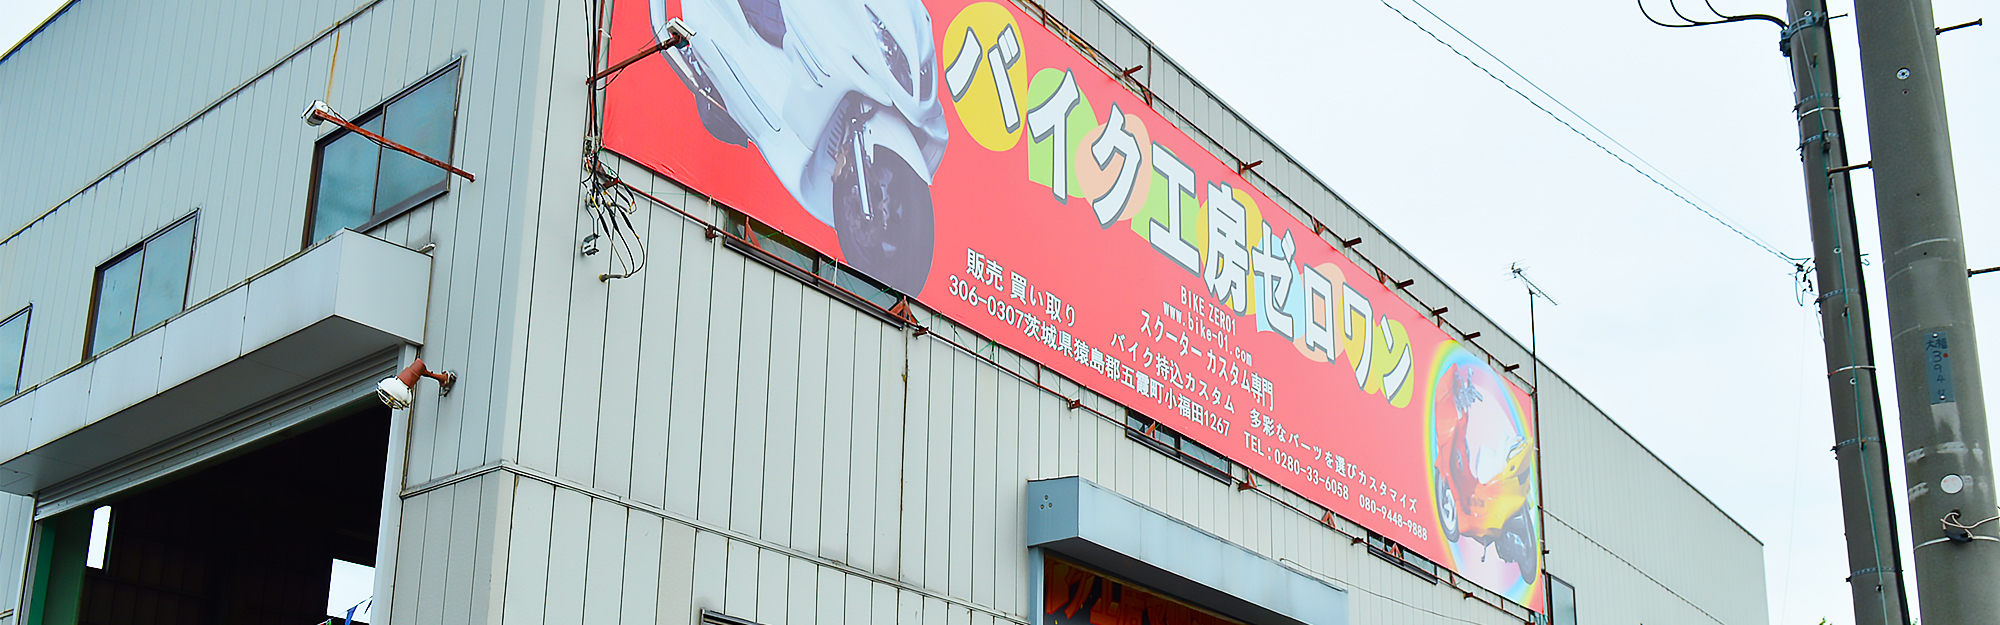 茨城県五霞町のスクーター専門のゼロワンは大きい看板と工場が目印です。